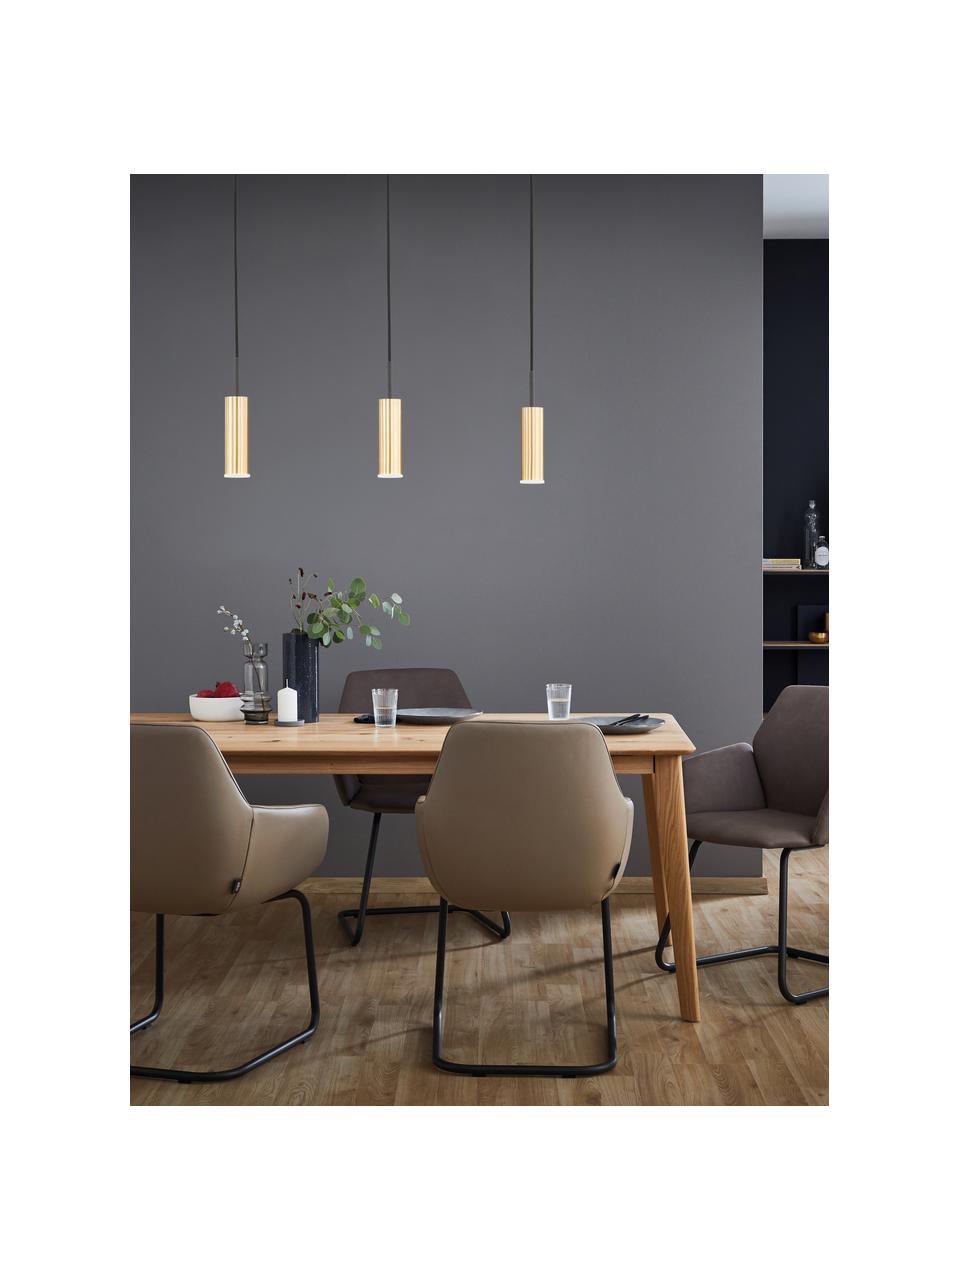 Lampa wisząca LED z funkcją przyciemniania Stina, Odcienie złotego, czarny, S 70 x W 24 cm